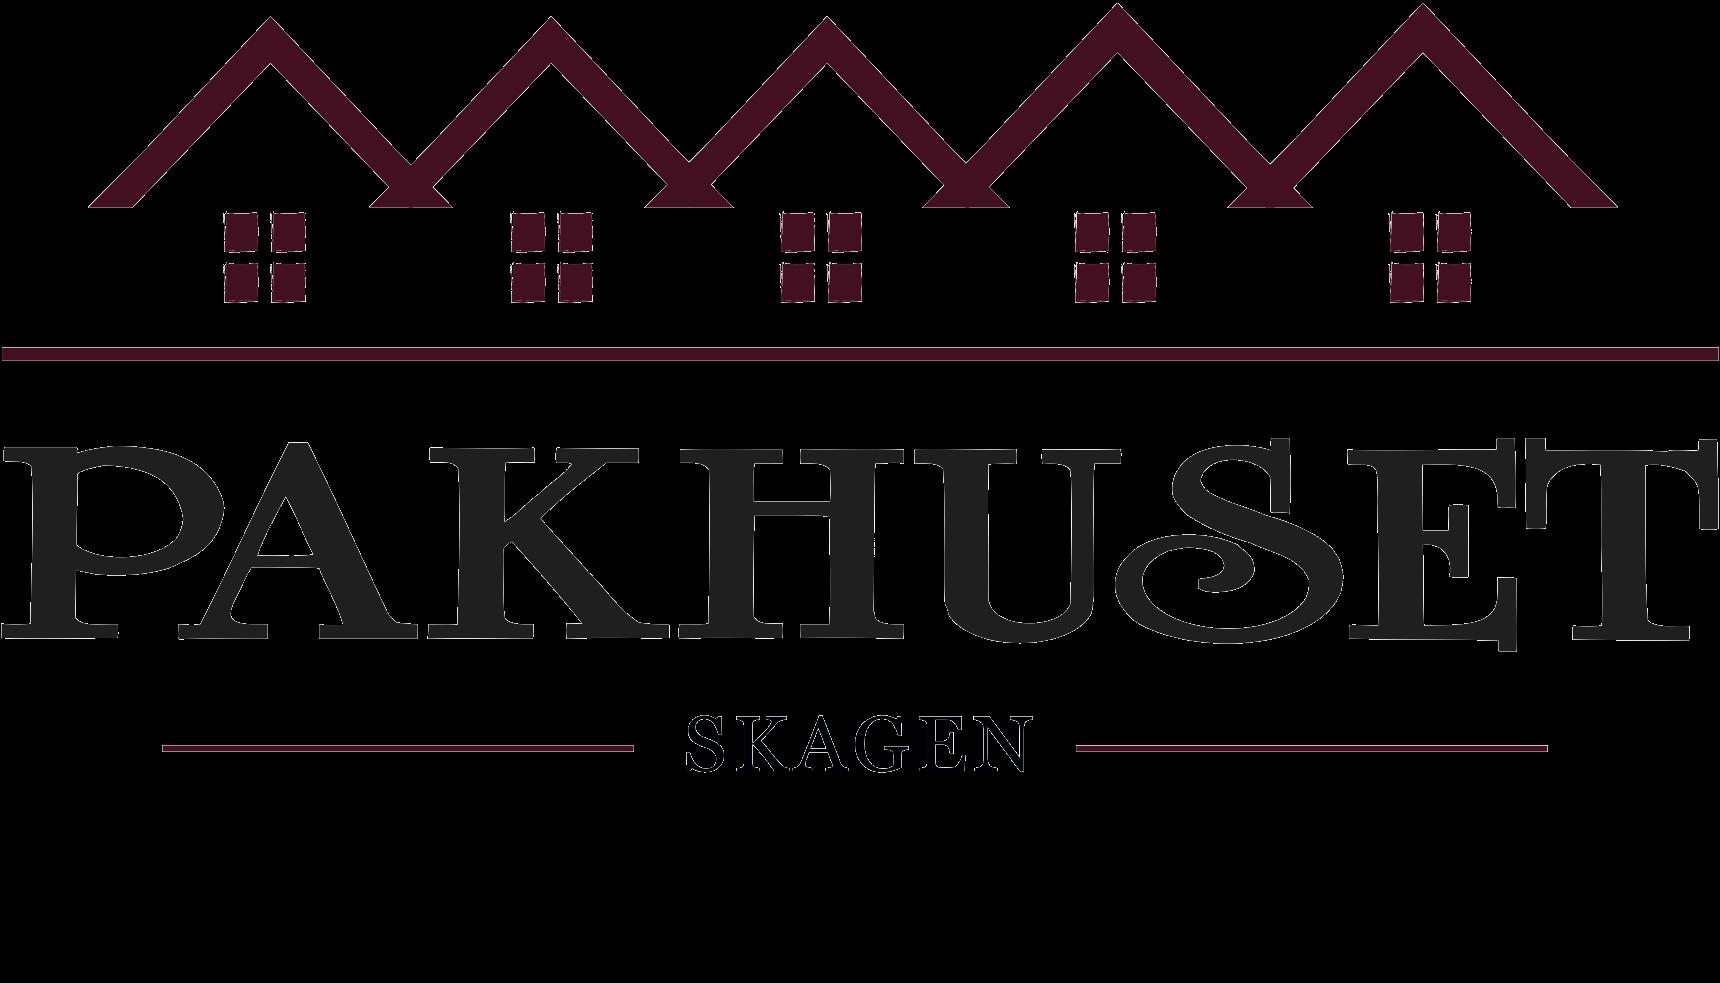 Pakhuset-logo-final-u bagg.png